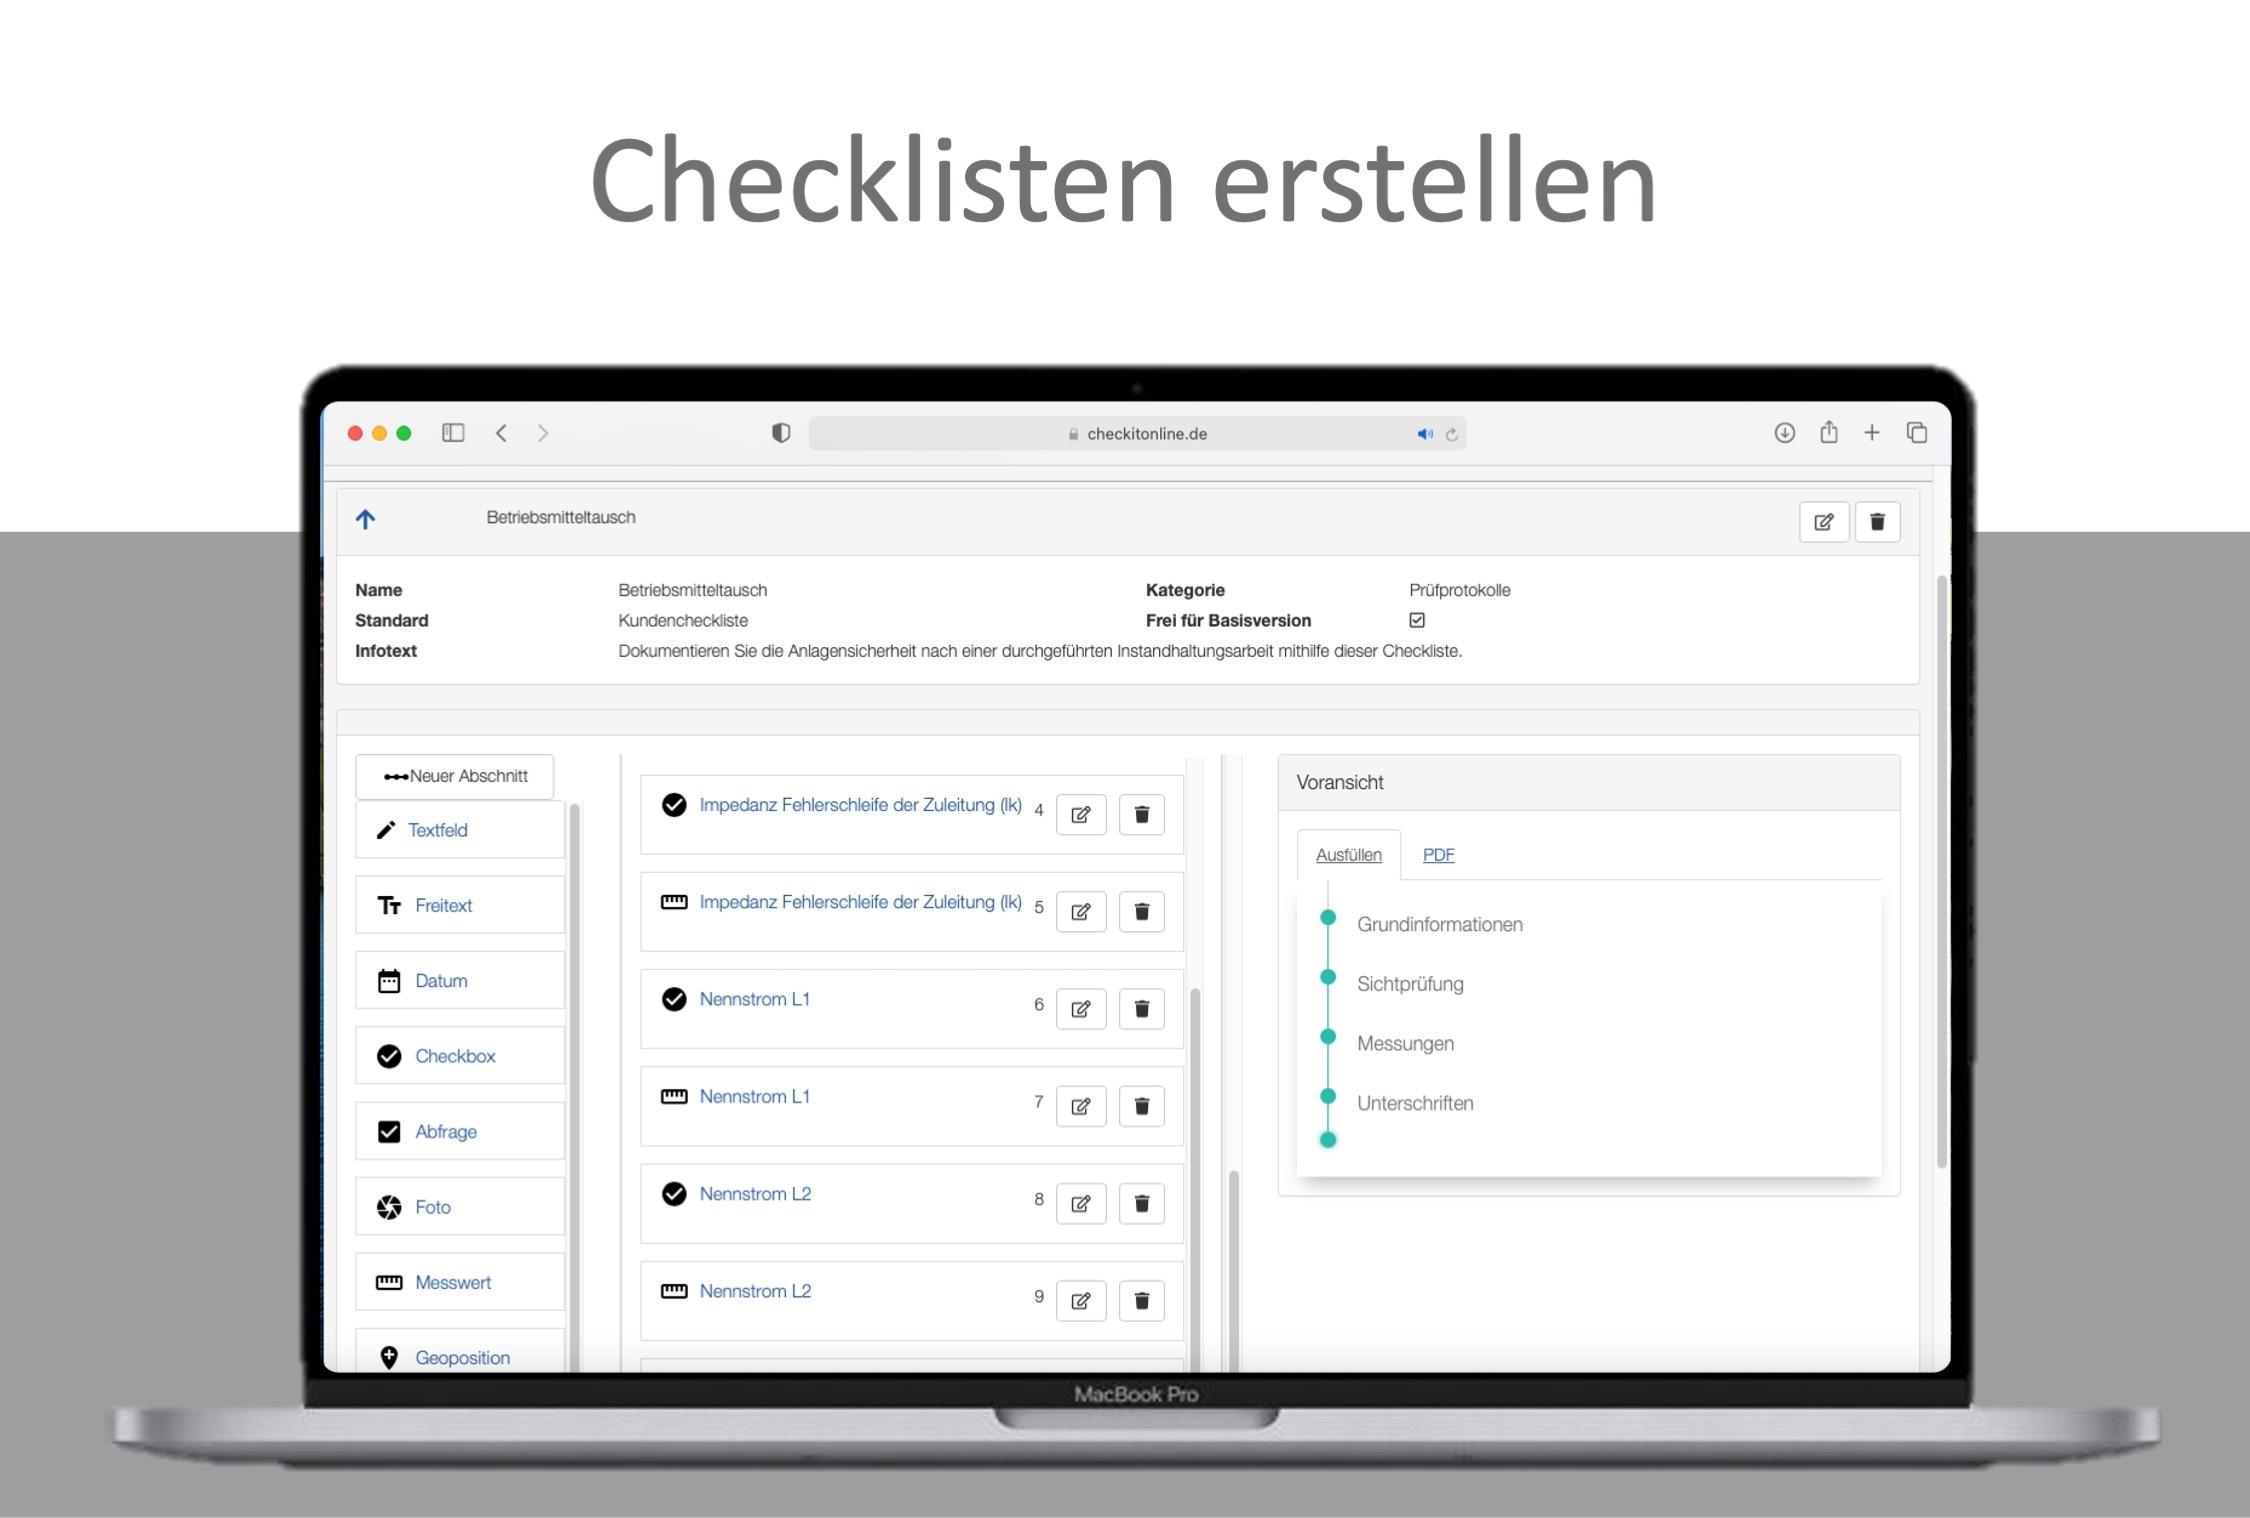 Auf dem Computer können Checklisten erstellt werden.